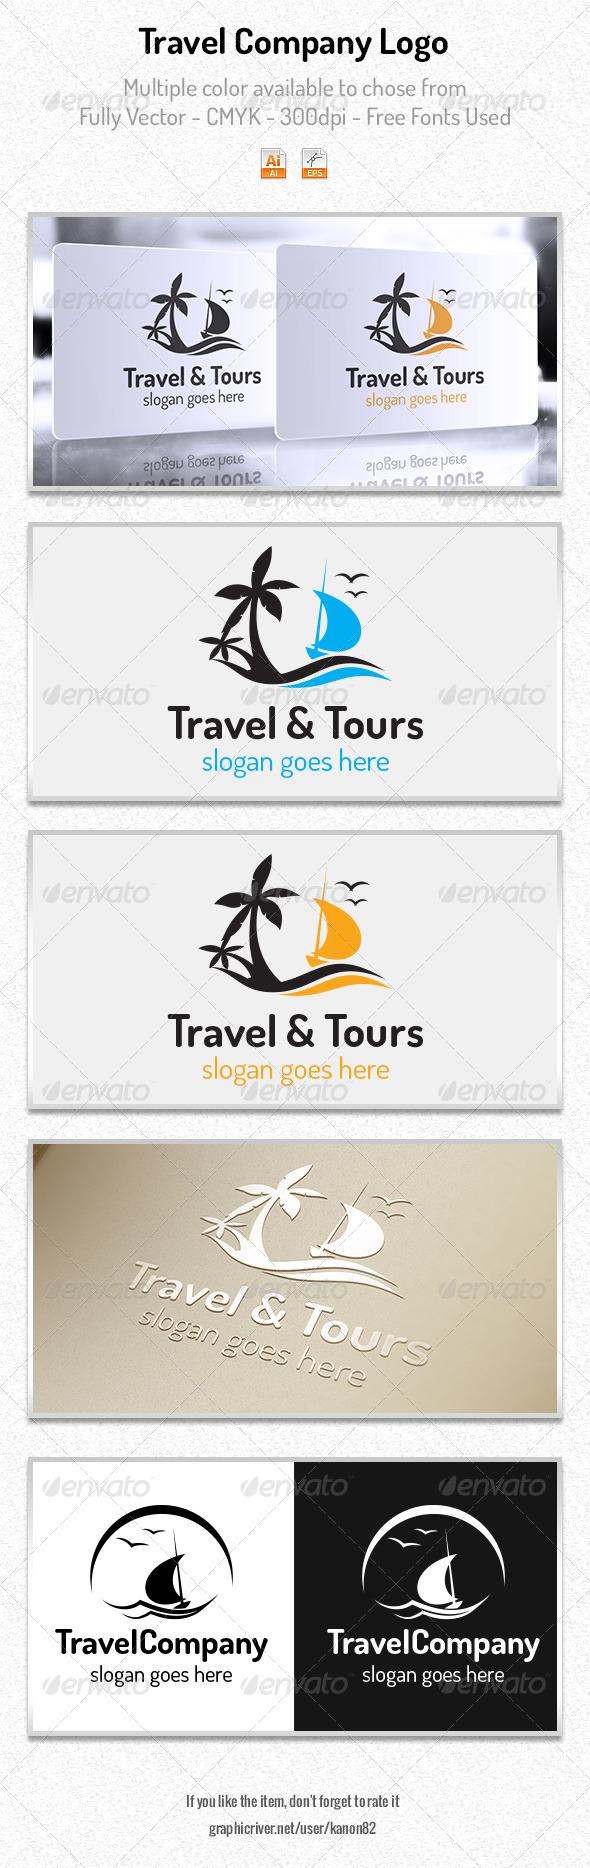 GraphicRiver Travel Company Logo 5982206